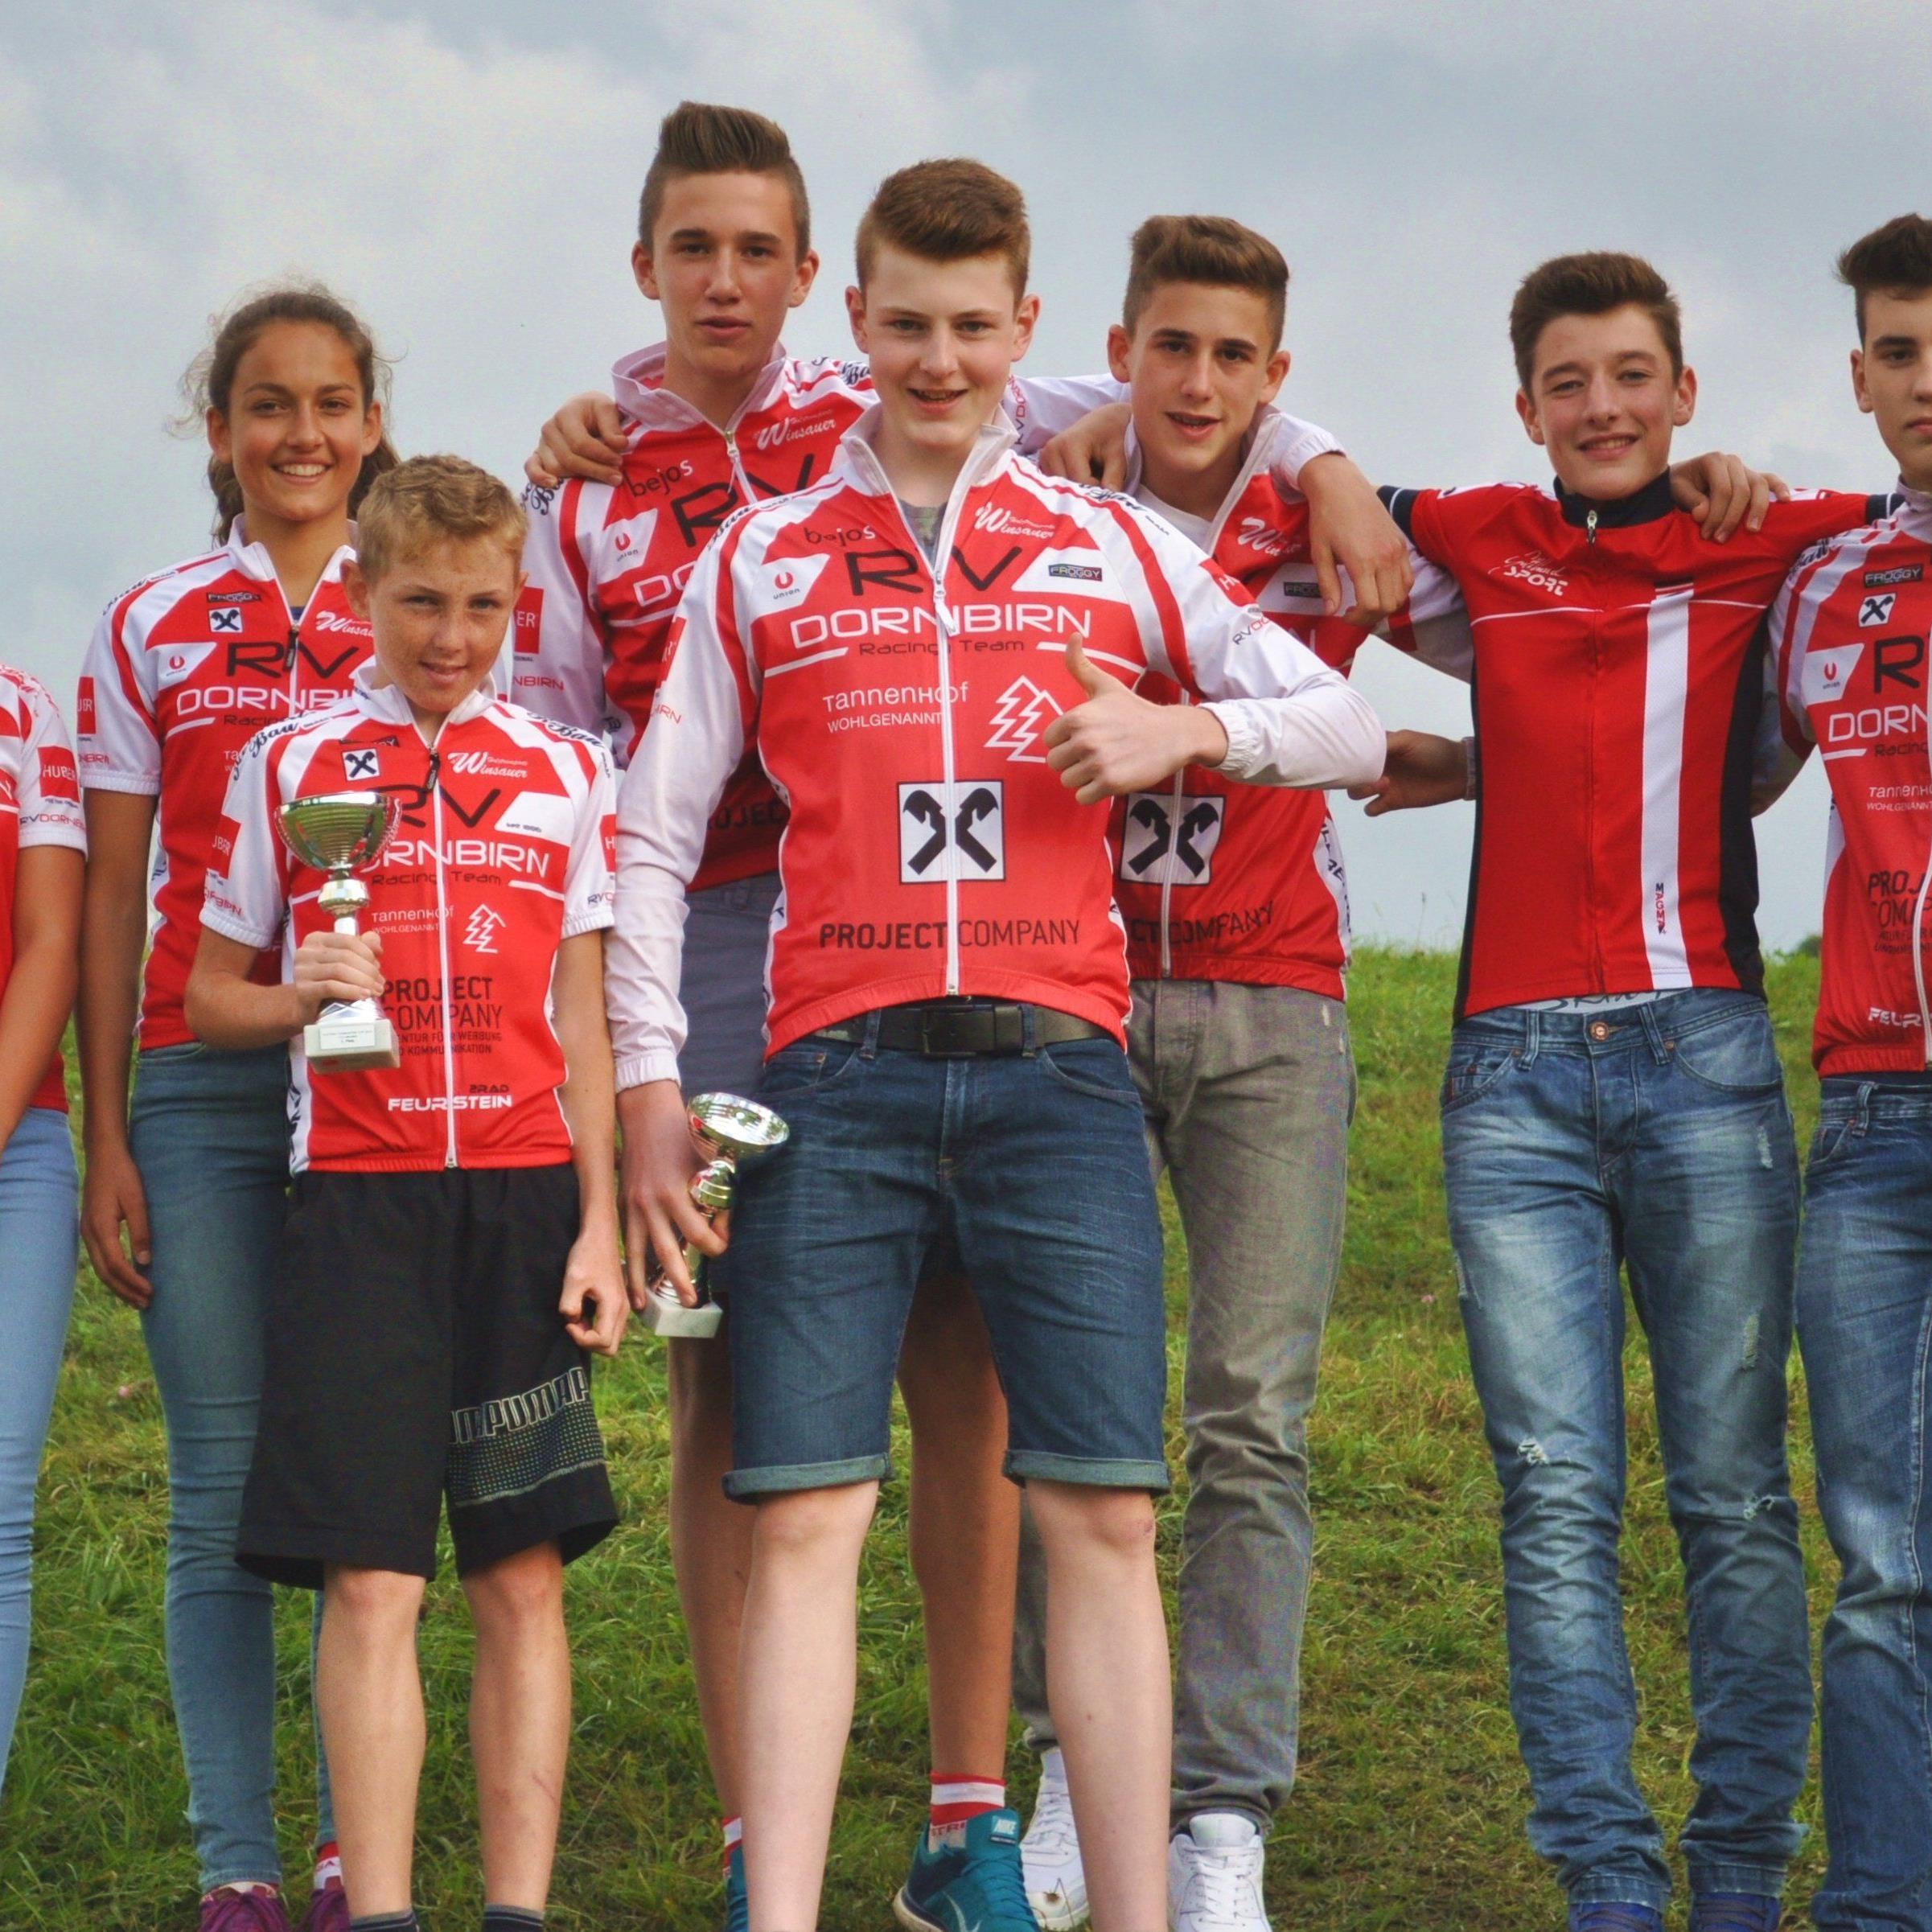 Die Nachwuchsfahrer vom RV Dornbirn sind zweitbestes Team Österreichs.